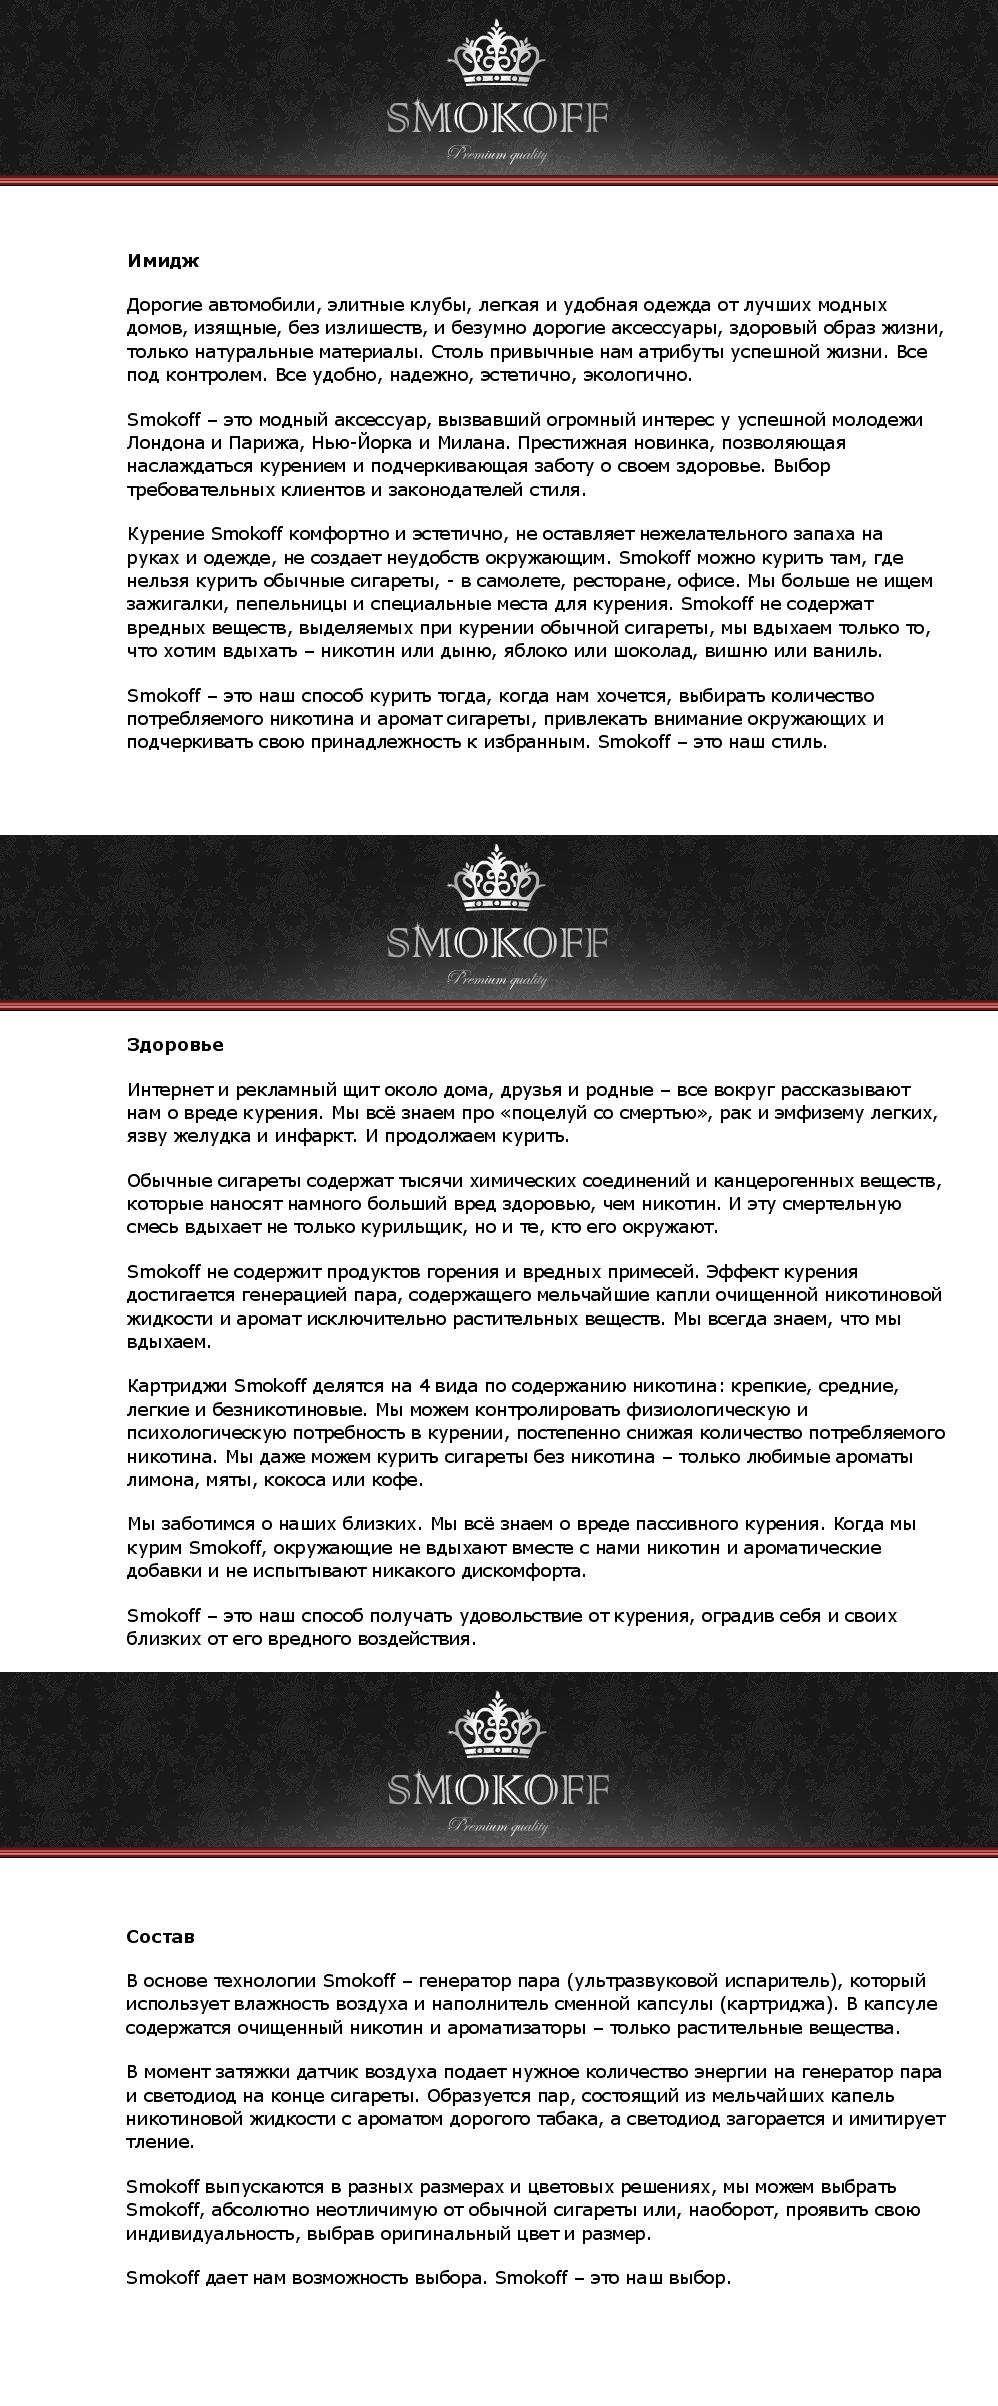 Контент для сайта Smokoff